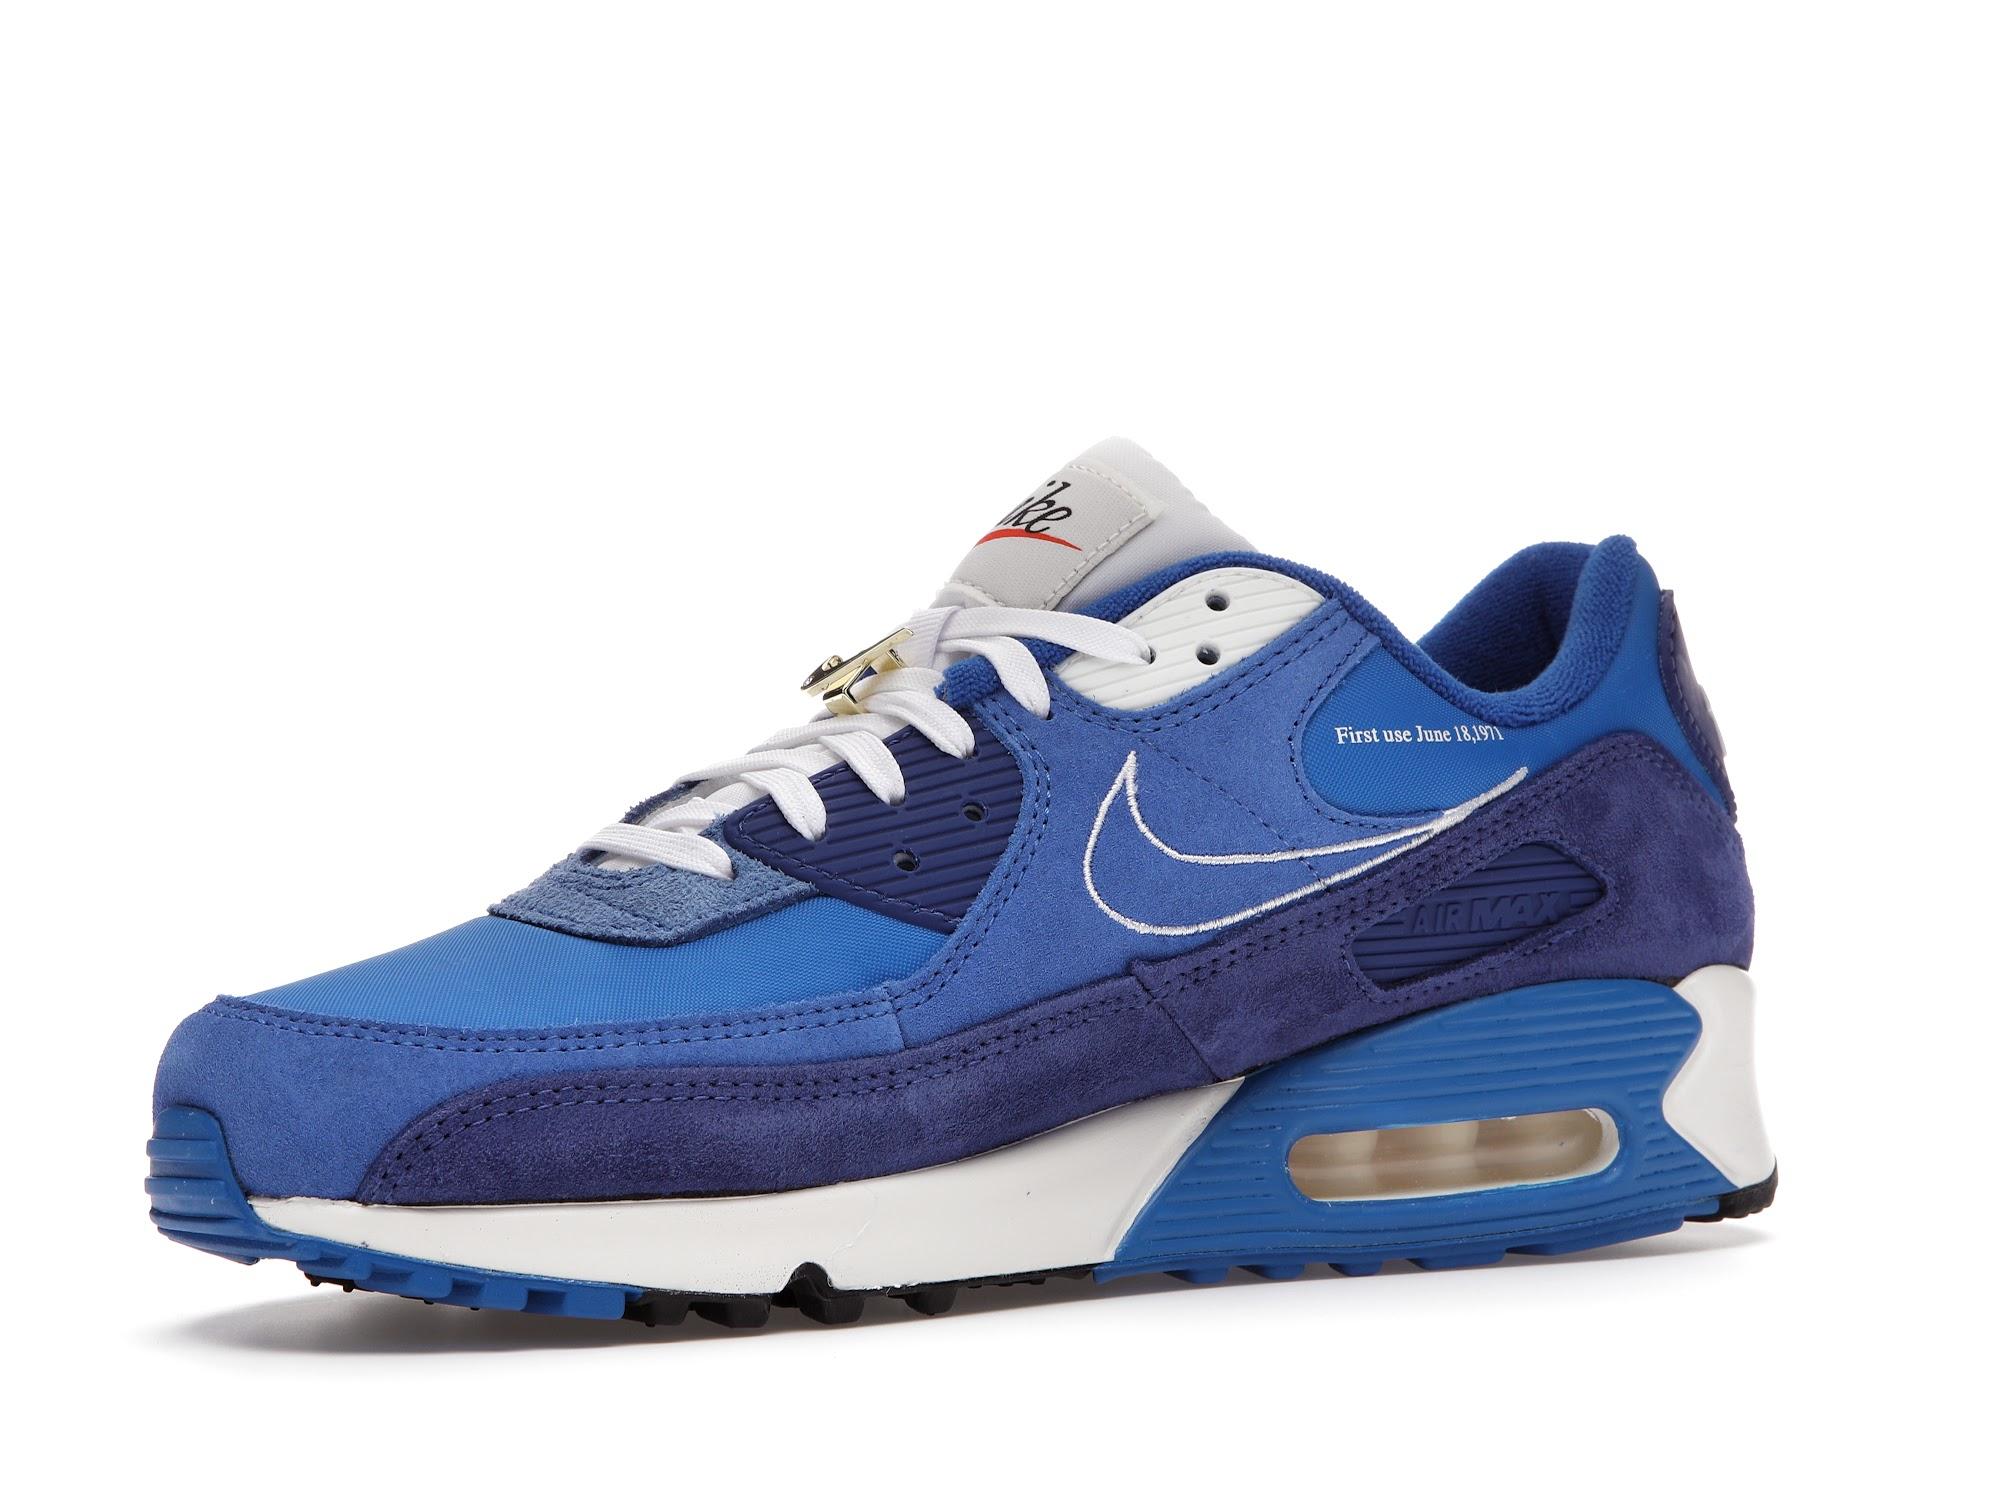 Nike Air Max 90 SE First Use Signal Blue